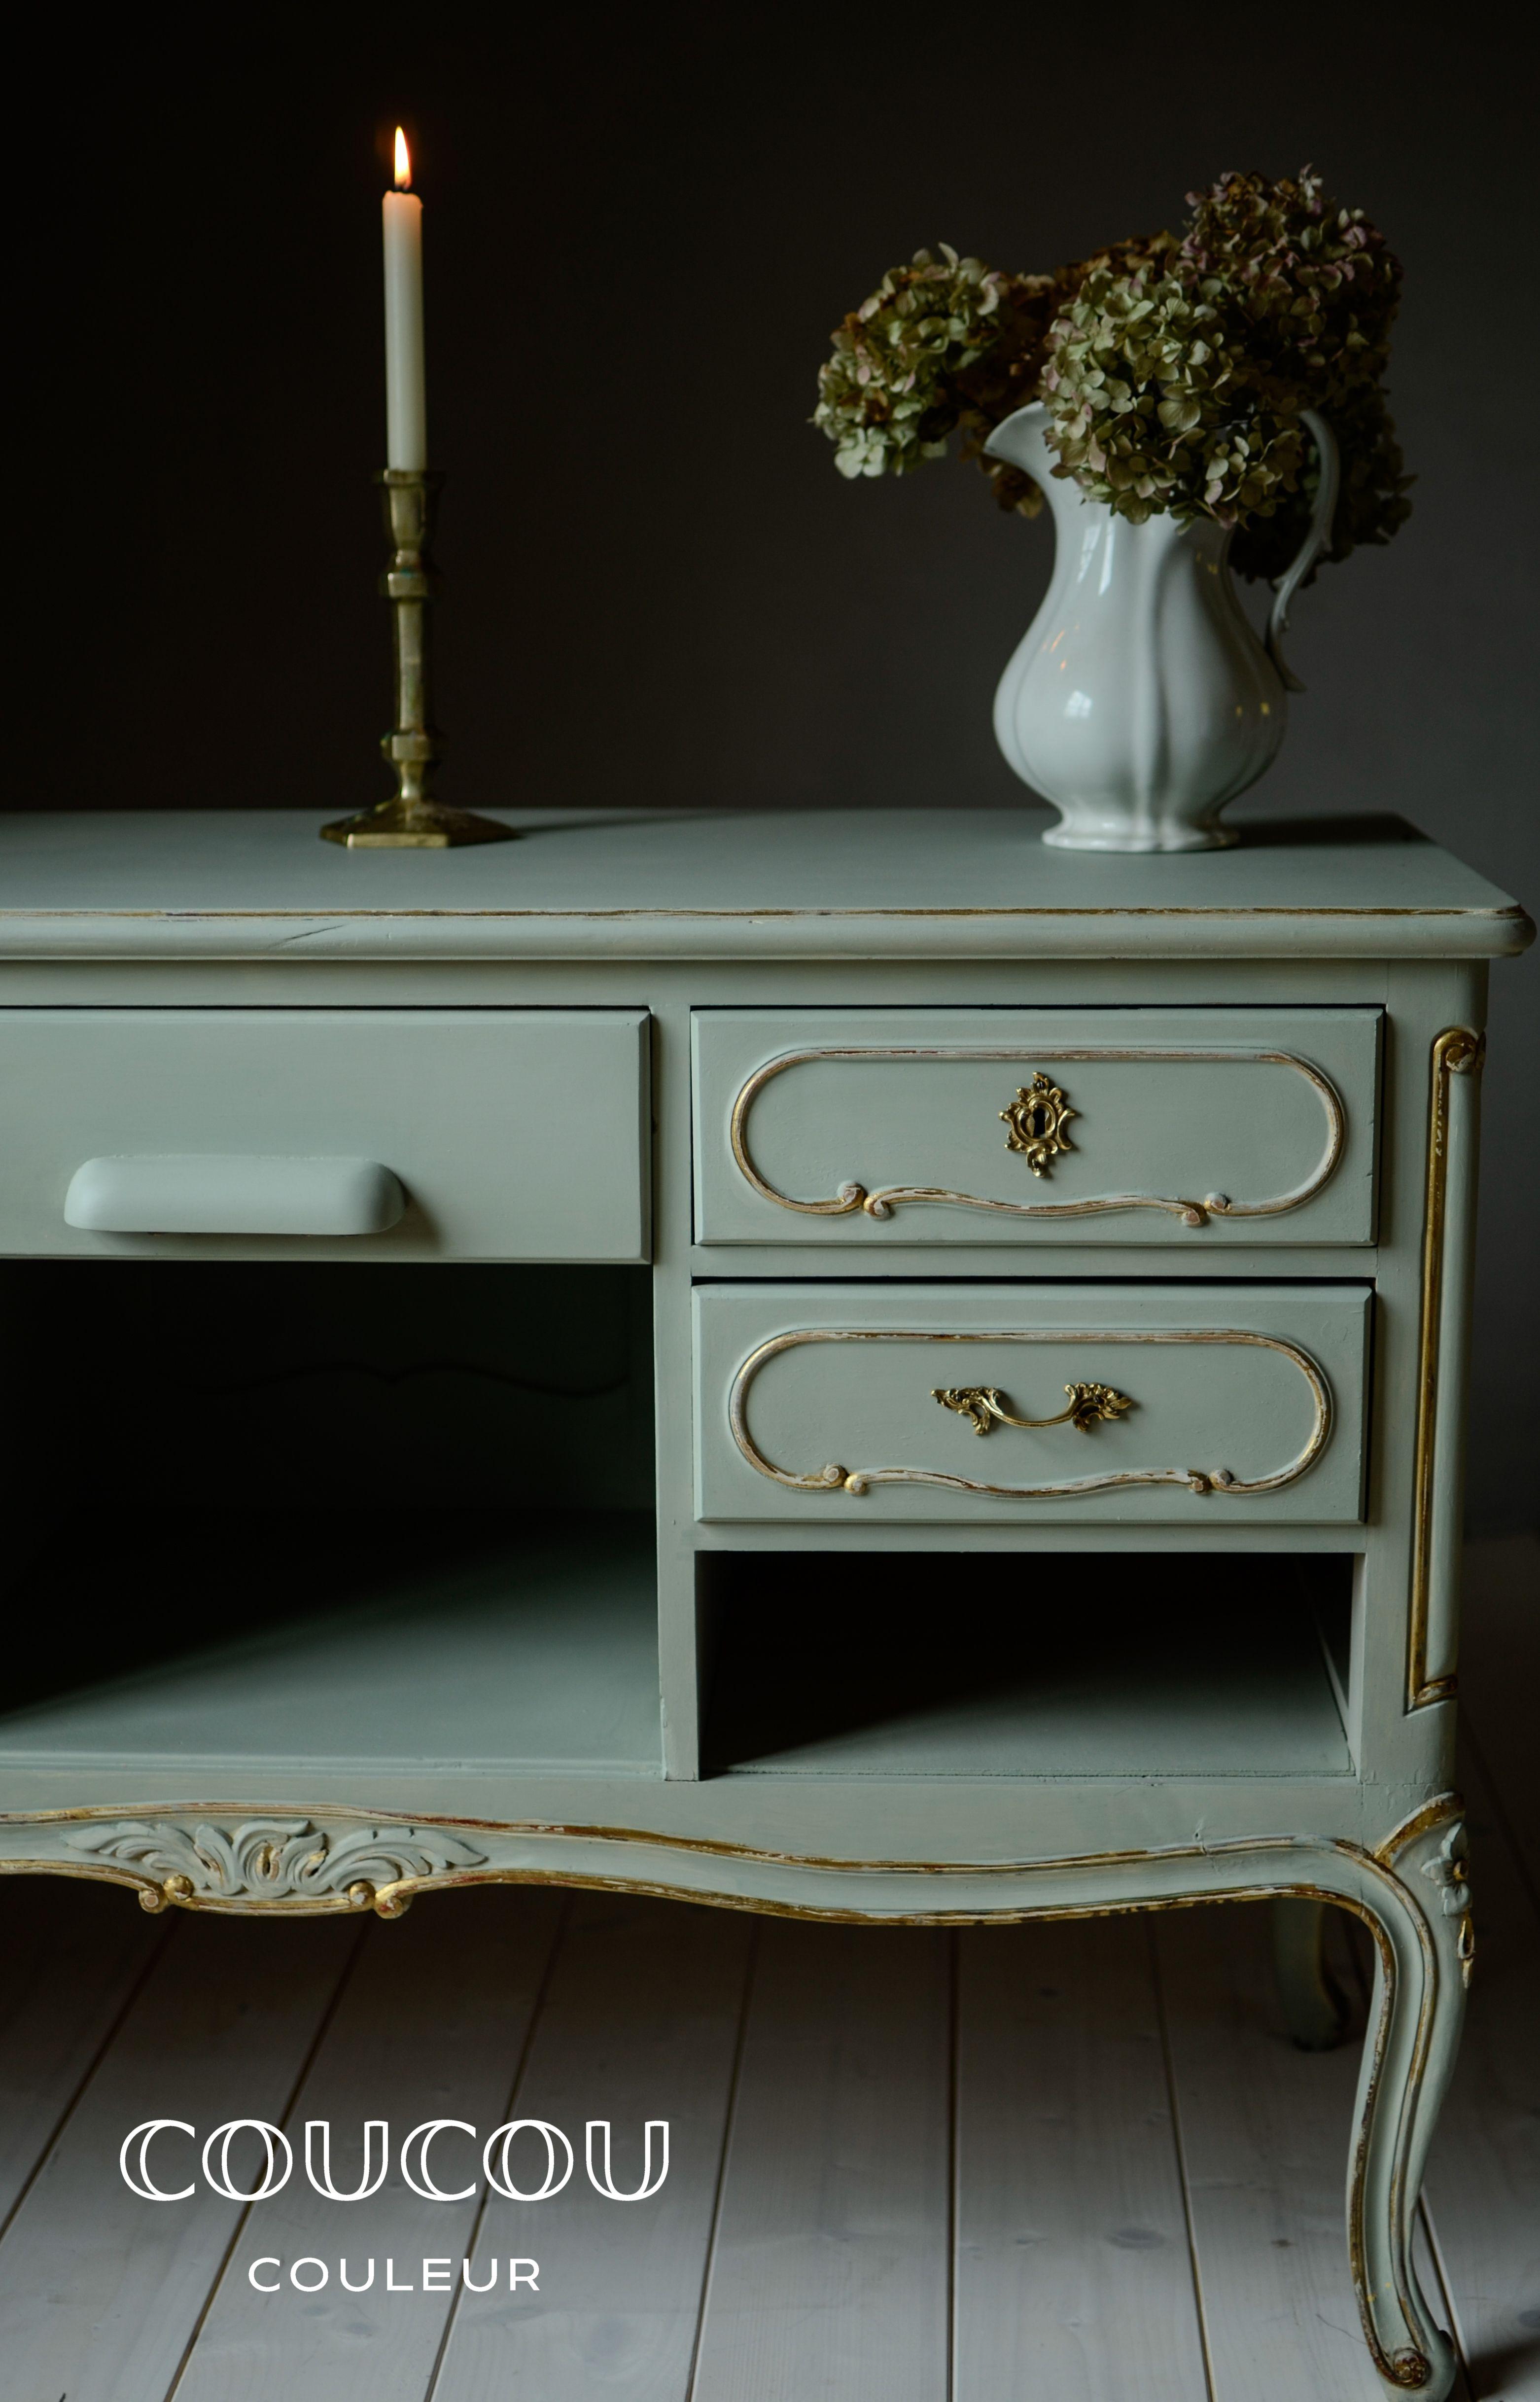 CHÂTEAU ist ein helles edles Graugrün, das je nach Lichteinfall, mal grau, mal grün wirken kann. Es ist in französischen Schlössern zu Hause und mag alles, was Gold ist und glänzt , oder was vor ihm in den Hintergrund tritt wie SUITE, TOILE, LEINEN, PURE, MELANGE oder SALON… Mit natürlicher Kreidefarbe von Coucou Couleur gestalten Sie Ihre Einrichtung rein ökologisch. Ob Vintage-Möbel, Shabby Chic, Landhausstil, Industriedesign...